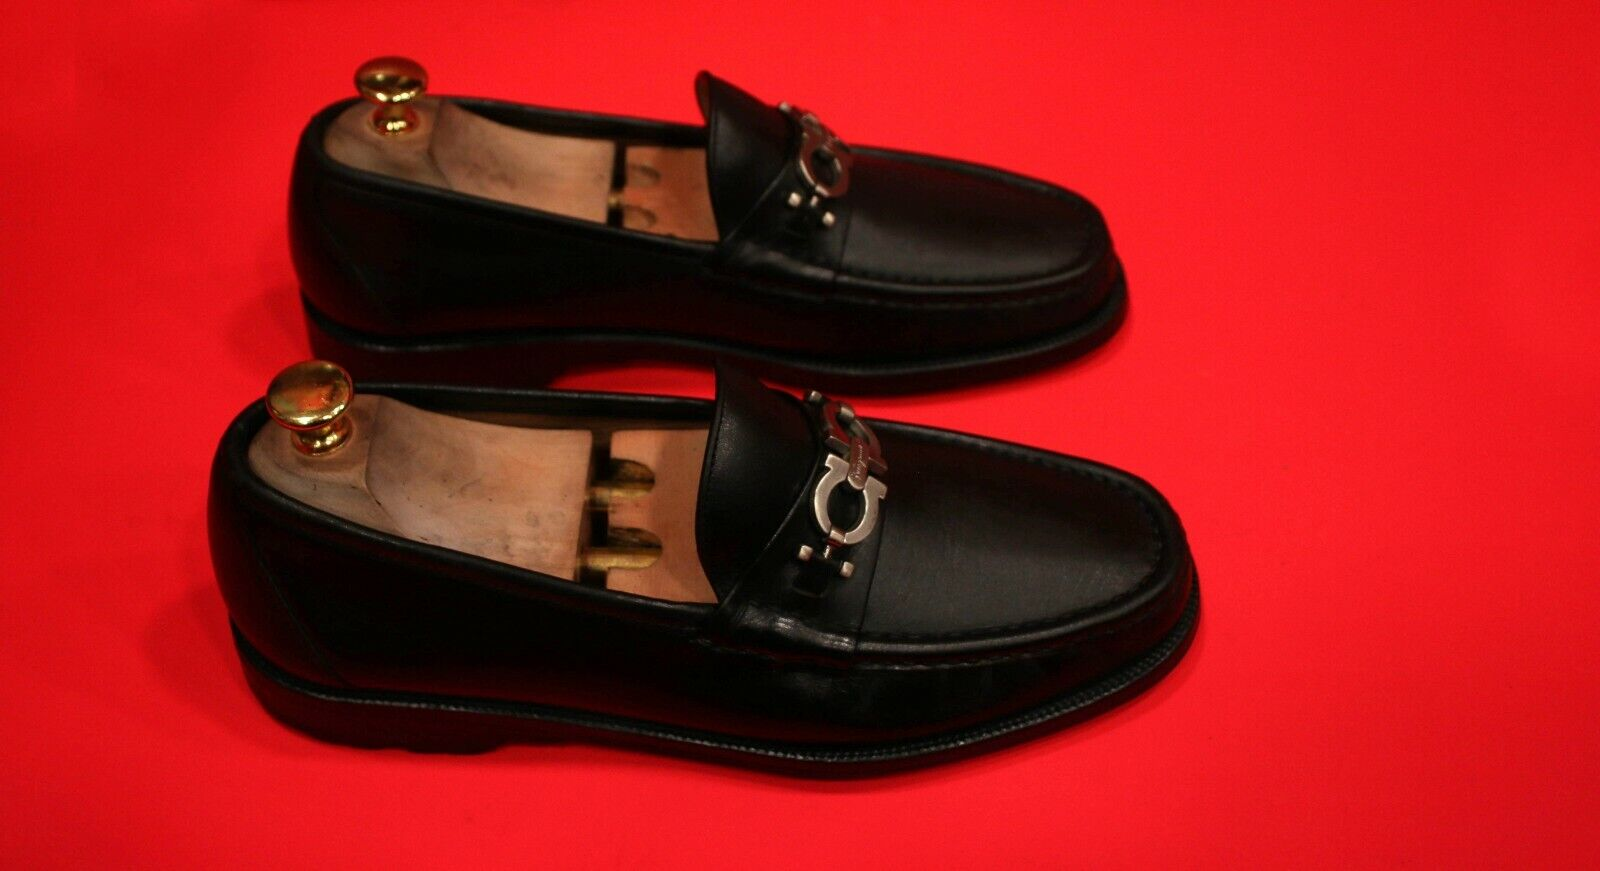 FERRAGAMO Excelente Vestido Negro Sin Cordones bits Mocasines Zapatos Extra Ancho